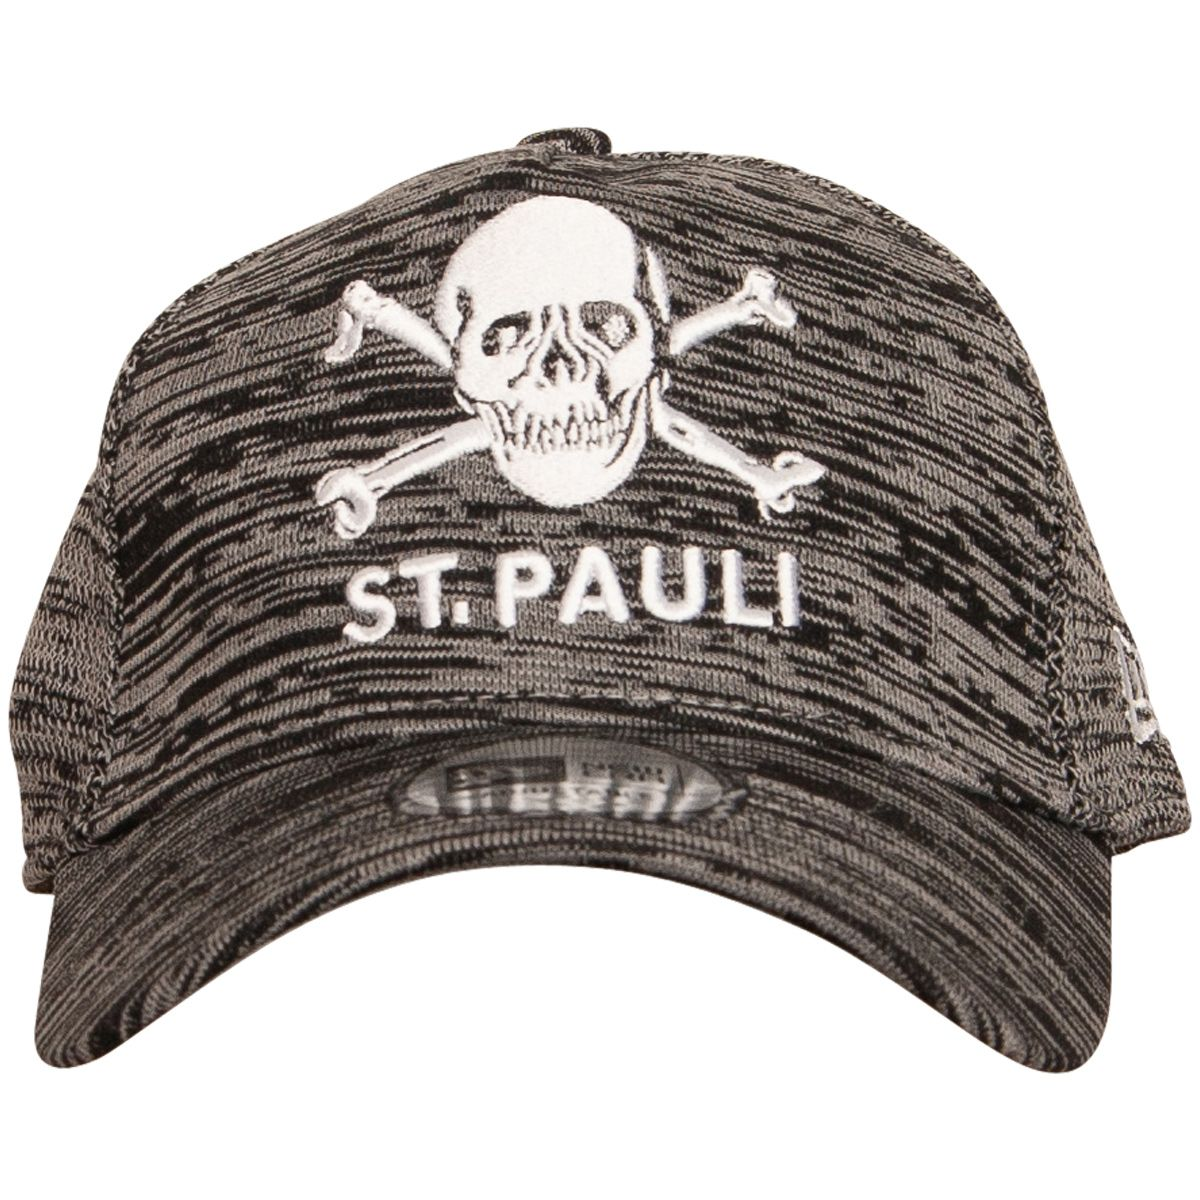 FC St. Pauli - Grey NewEra Cap with Skull  5caf1ef084a3